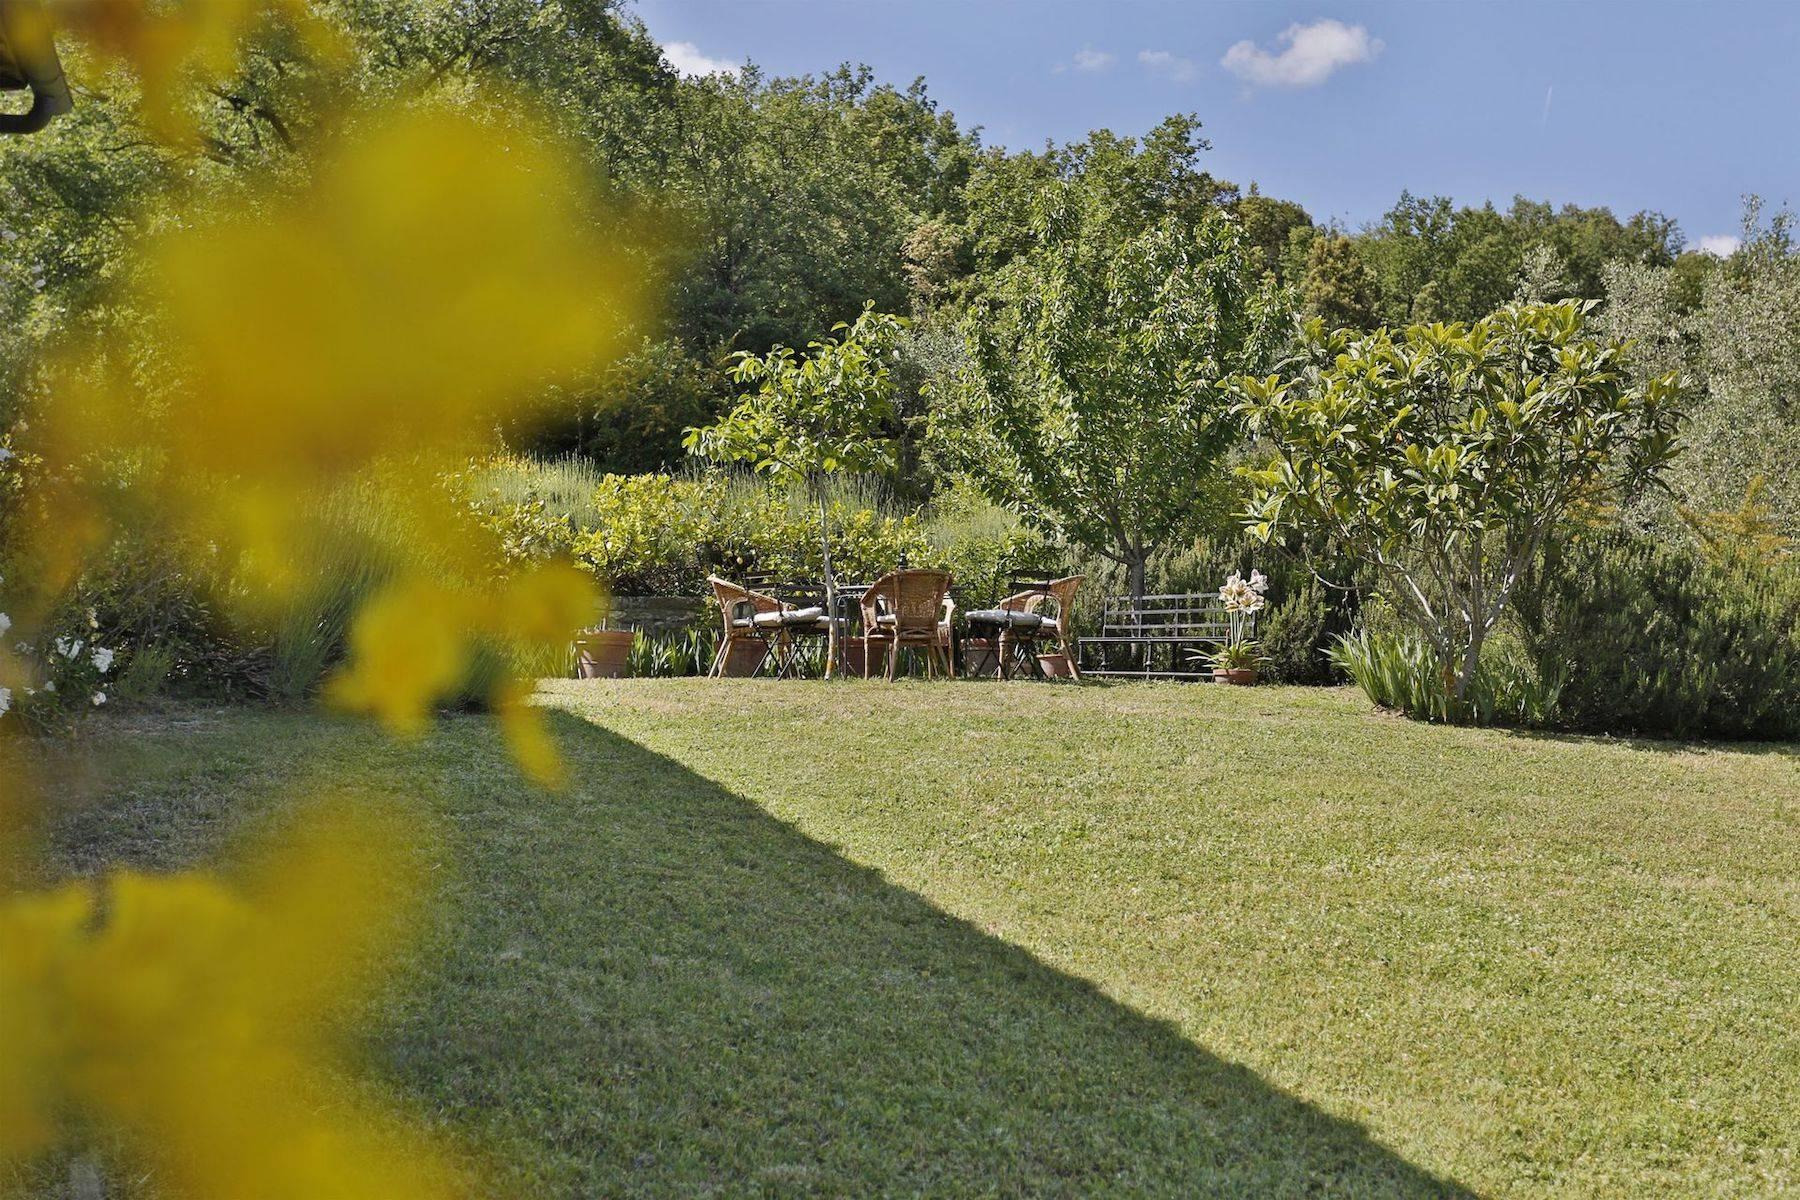 Villa in Vendita a Rignano Sull'Arno: 5 locali, 550 mq - Foto 23